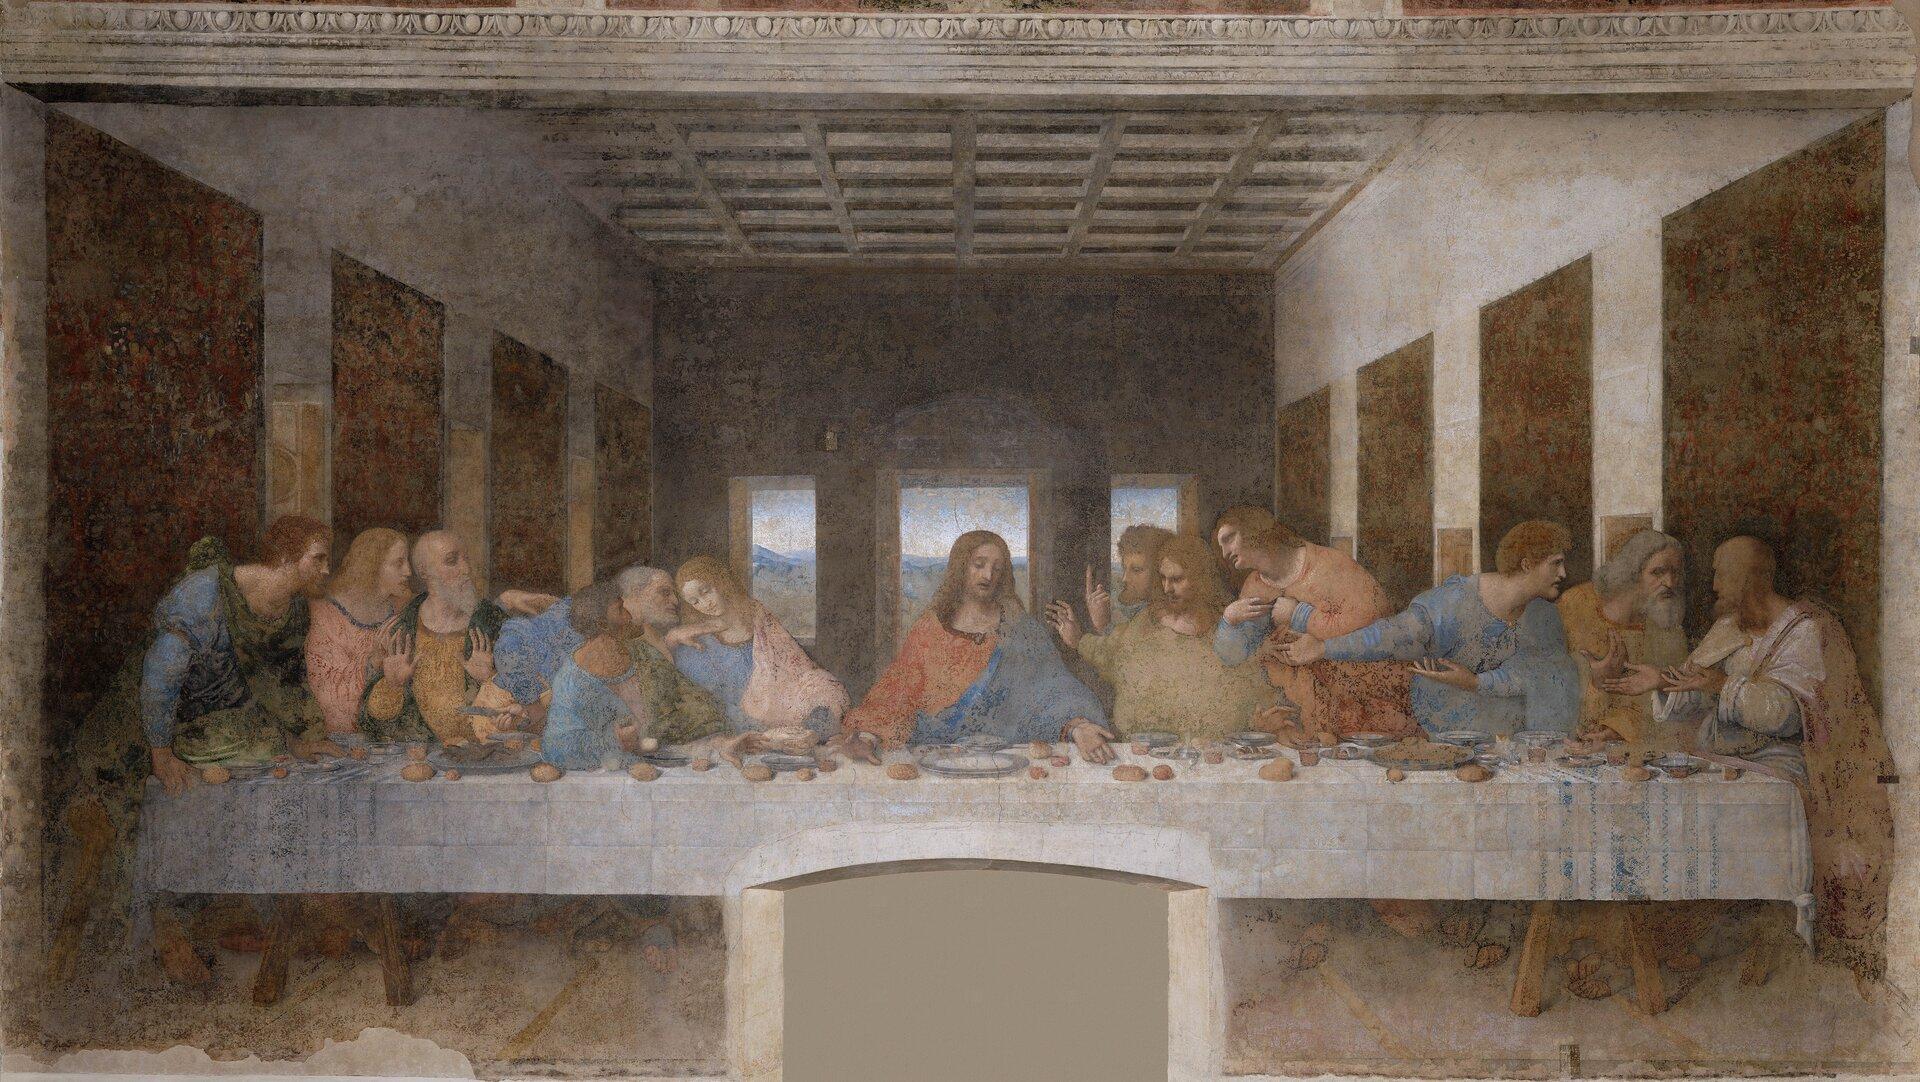 """Ilustracja przedstawia malowidło Leonarda da Vinci """"Ostatnia wieczerza"""". Scena przedstawia Jezusa idwunastu apostołów, znajdujących się za stołem, przykrytym białym obrusem, na którym leżą małe bochenki chleba oraz naczynia. Jezus siedzi pośrodku, ubrany jest wczerwoną ibłękitną szatę. Dłonie ma położone na stół. Apostołowie pogrupowani są po trzy osoby. Prowadzą między sobą rozmowę, gestykulując. Wścianach bocznych wnętrza znajdują się wnęki, awścianie ztyłu trzy podłużne okna. Sufit zdobiony jest kasetonami."""